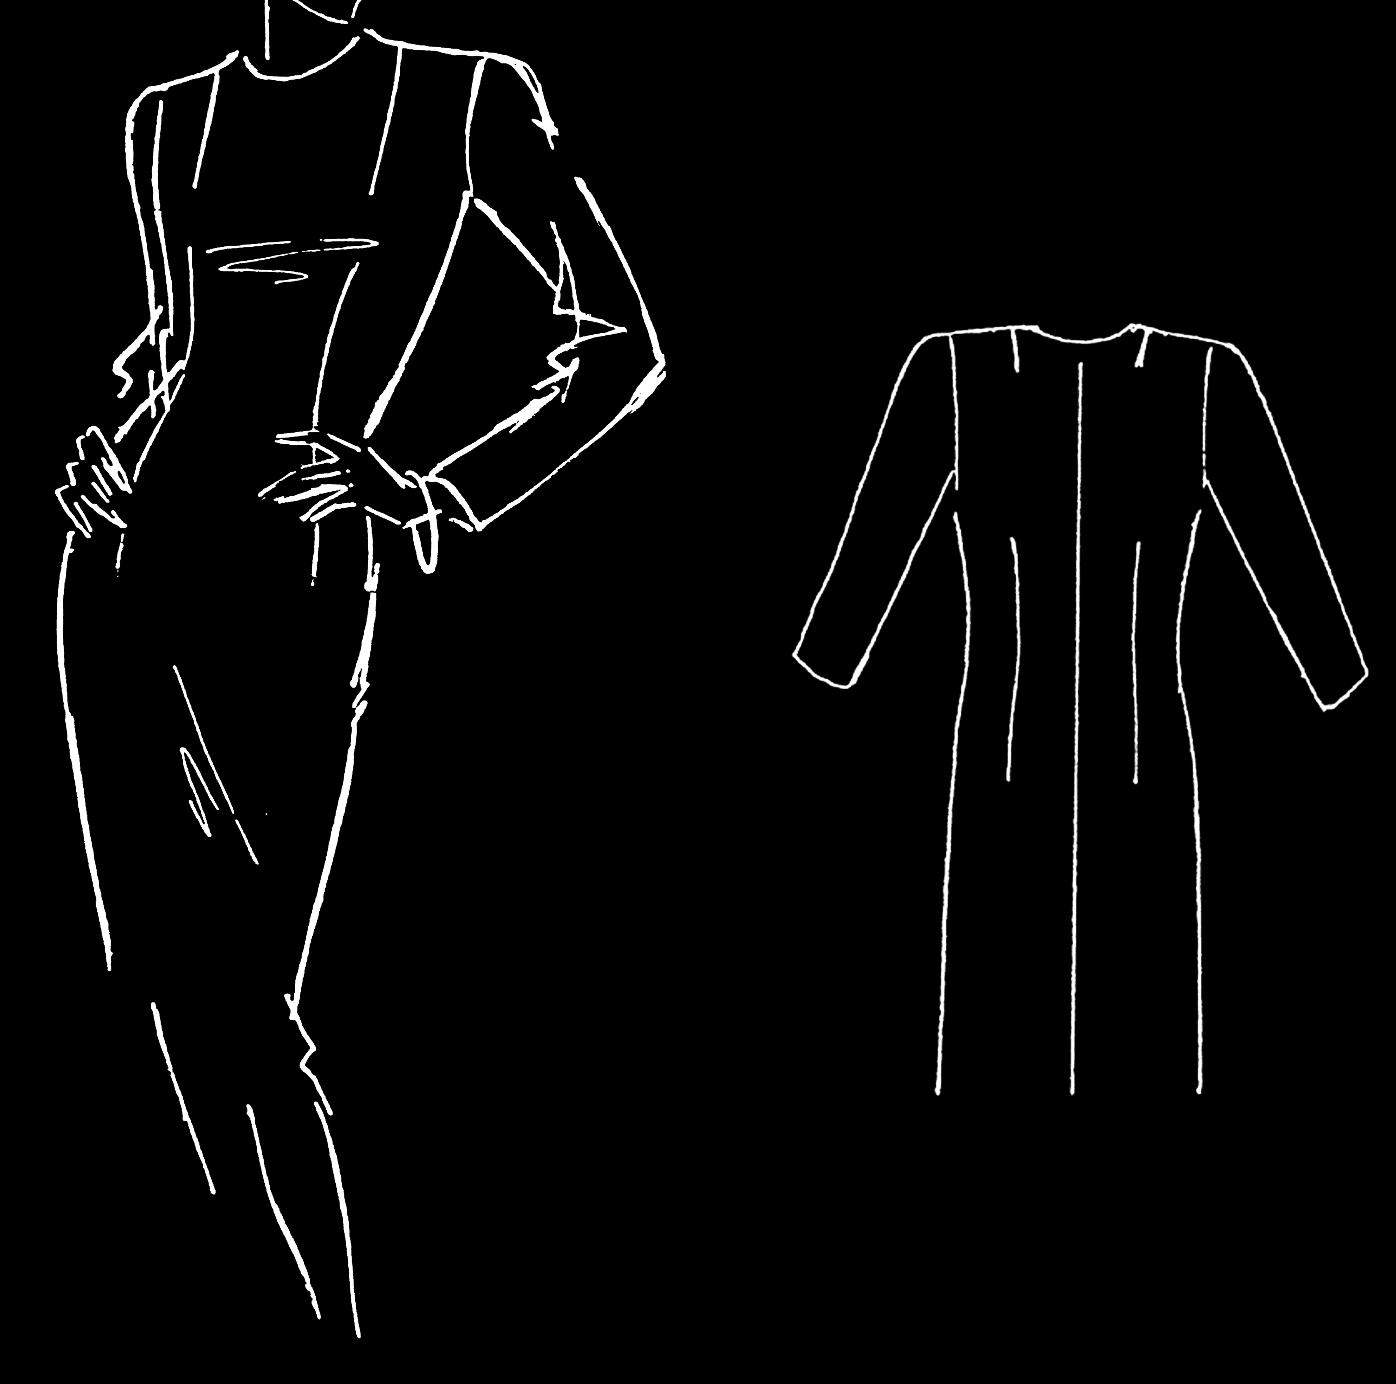 Abgebildet ist eine technische Zeichnung von einem Kleidergrundschnitt.